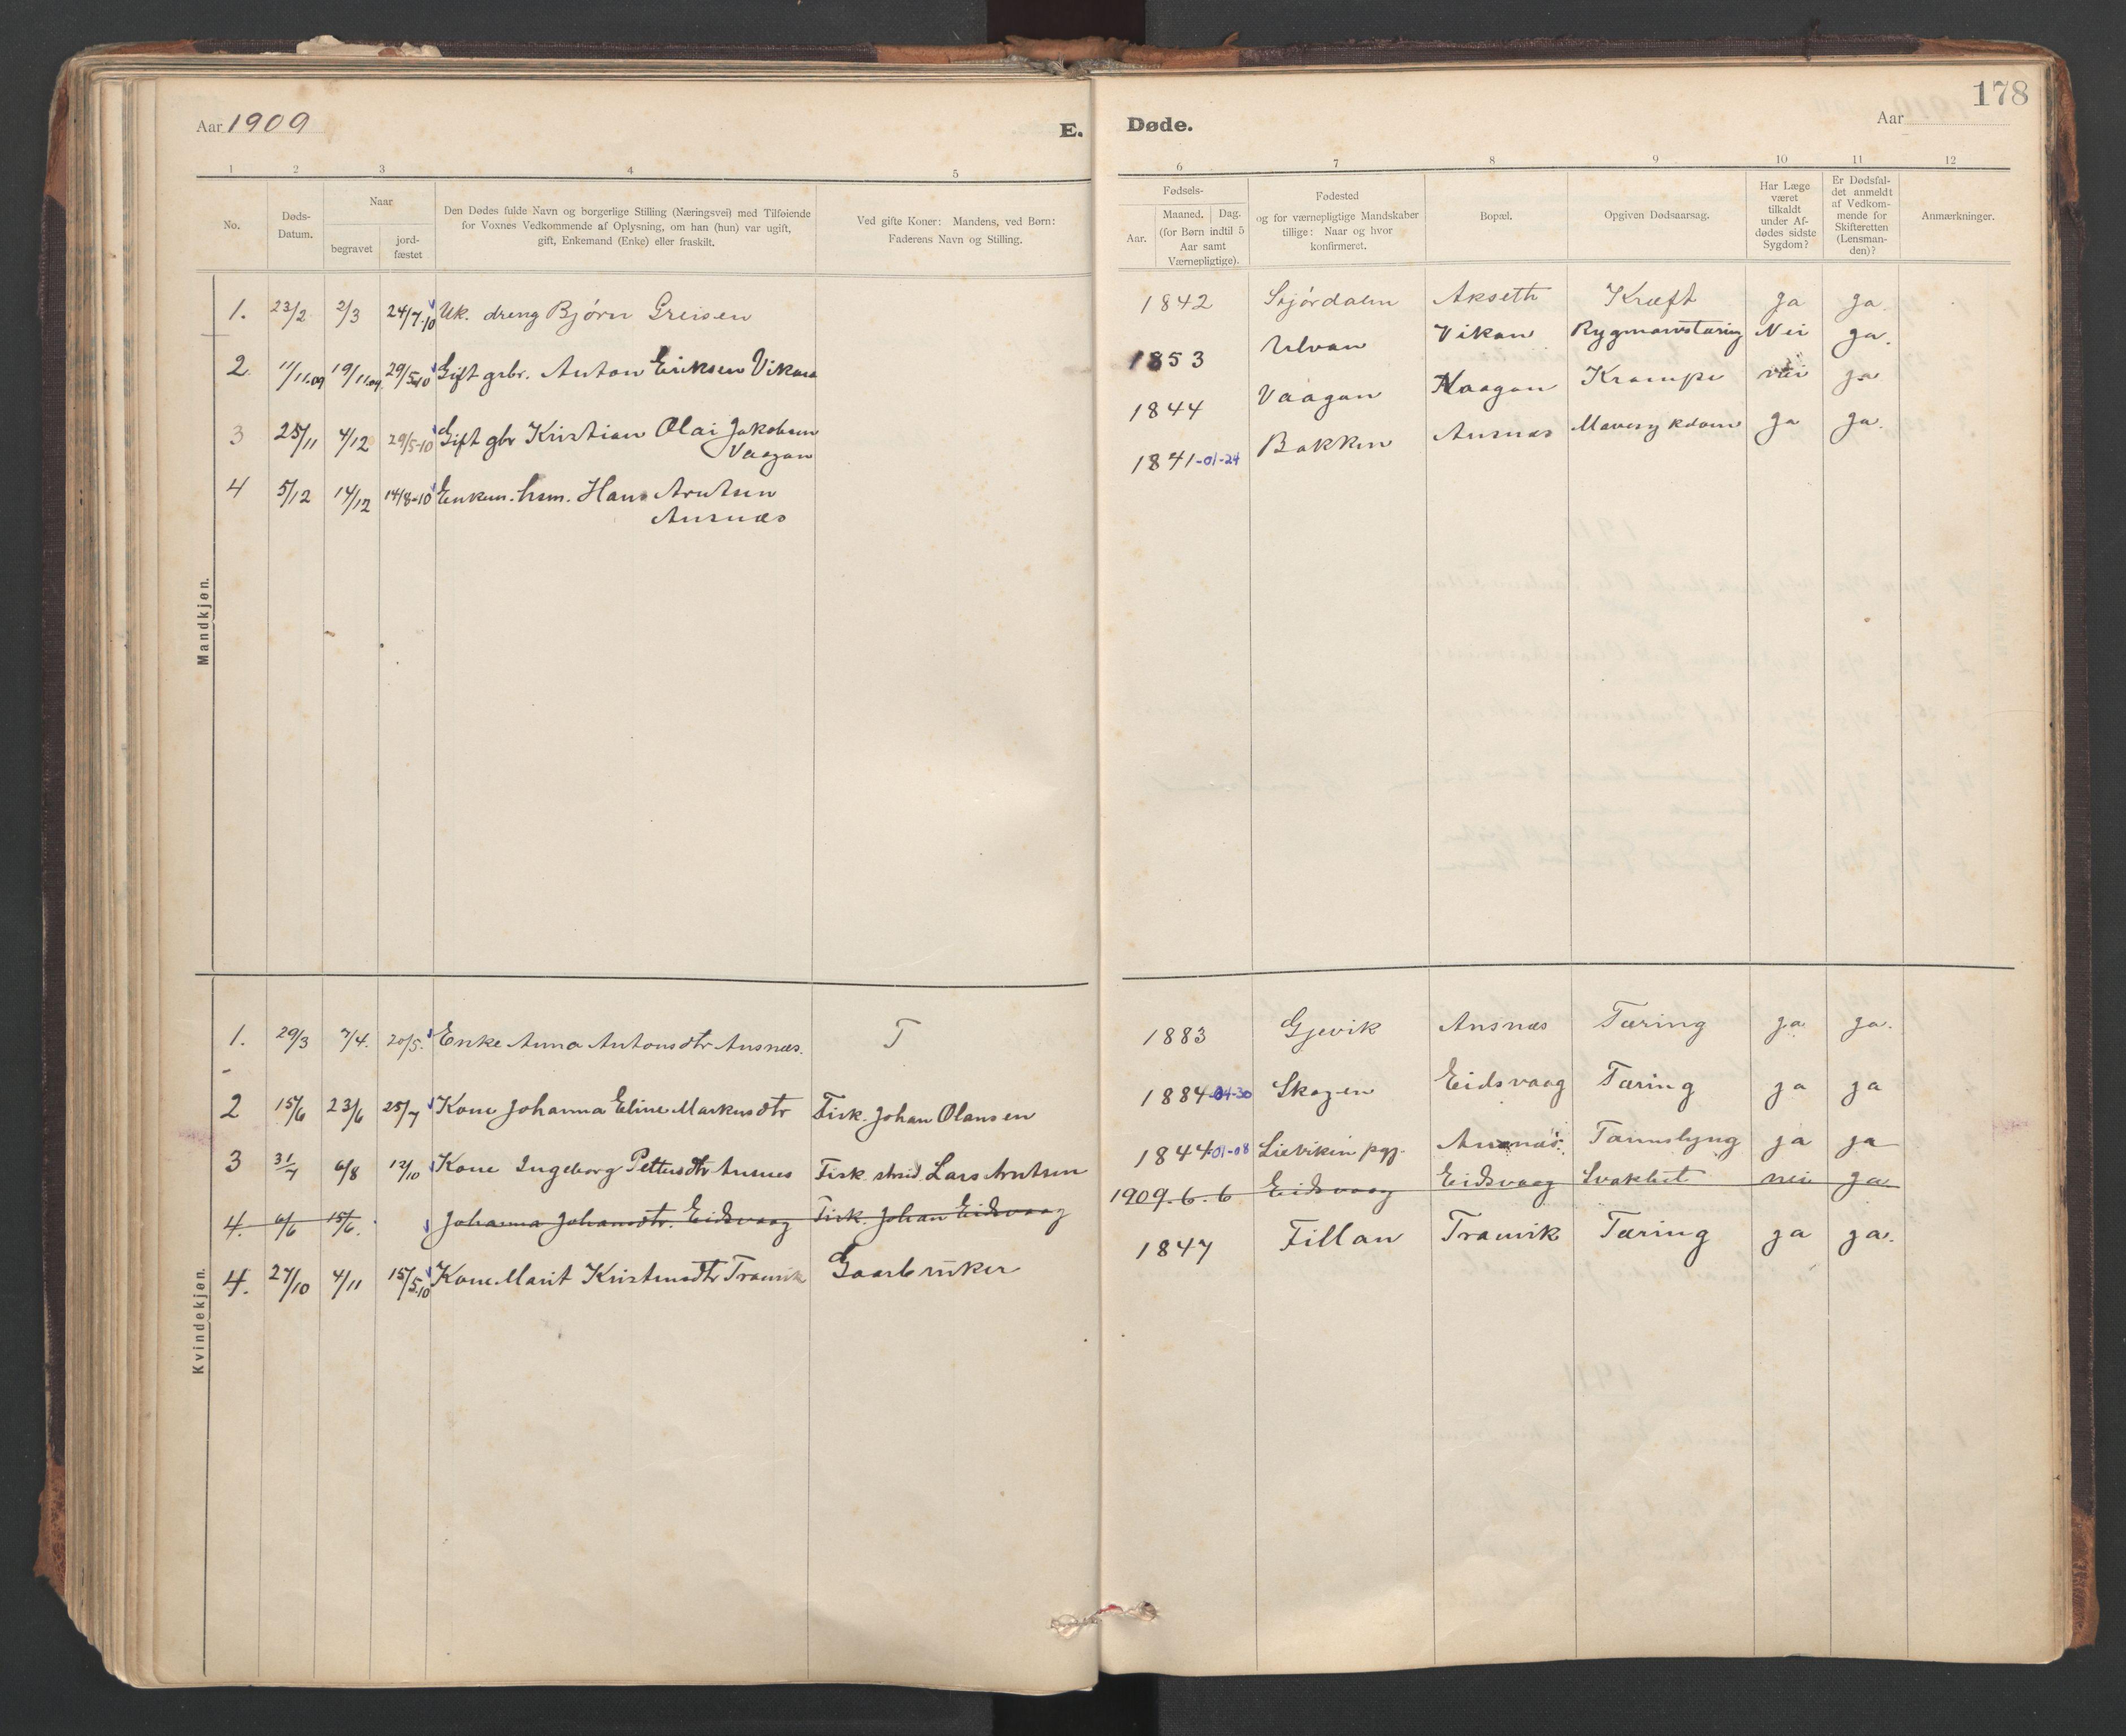 SAT, Ministerialprotokoller, klokkerbøker og fødselsregistre - Sør-Trøndelag, 637/L0559: Ministerialbok nr. 637A02, 1899-1923, s. 178